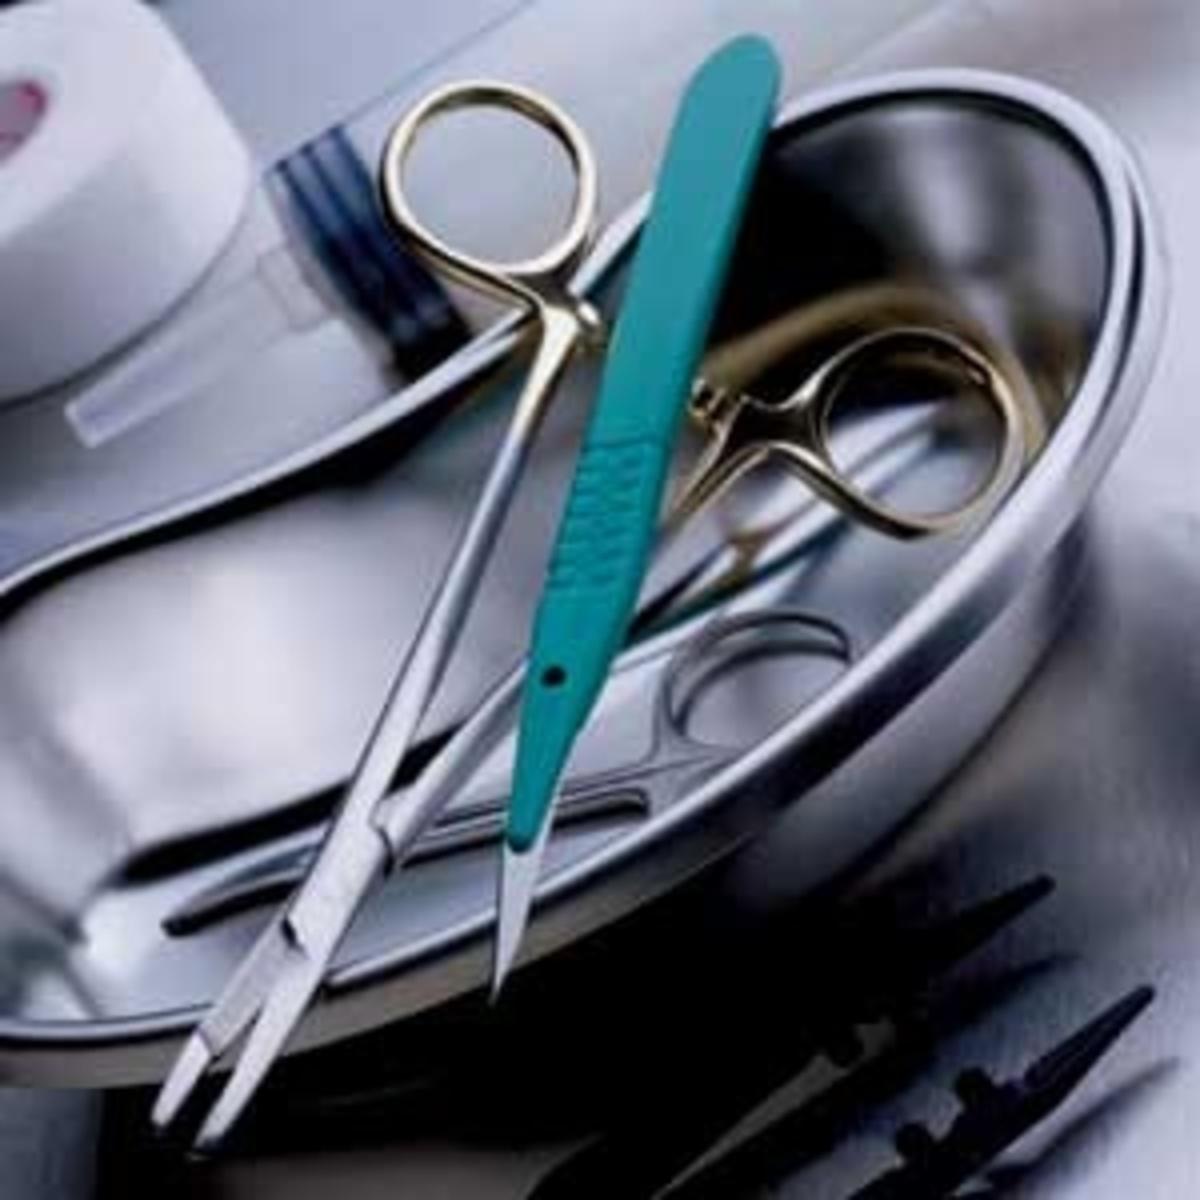 Απειλή παραπομπής για τις προμήθειες των νοσοκομείων | Newsit.gr